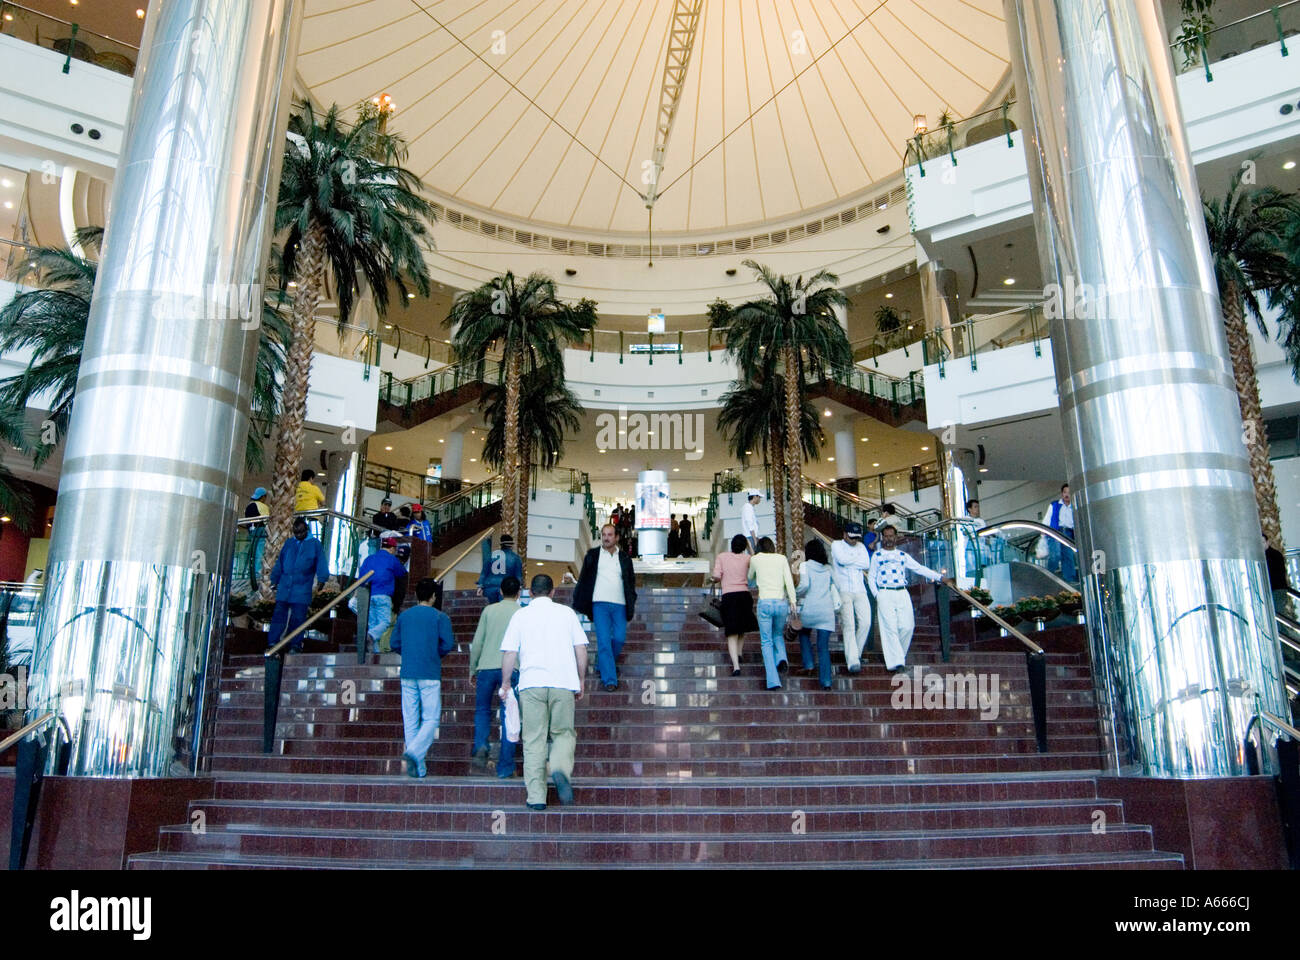 Entrance to City Center Mall Doha Qatar Stock Photo ...